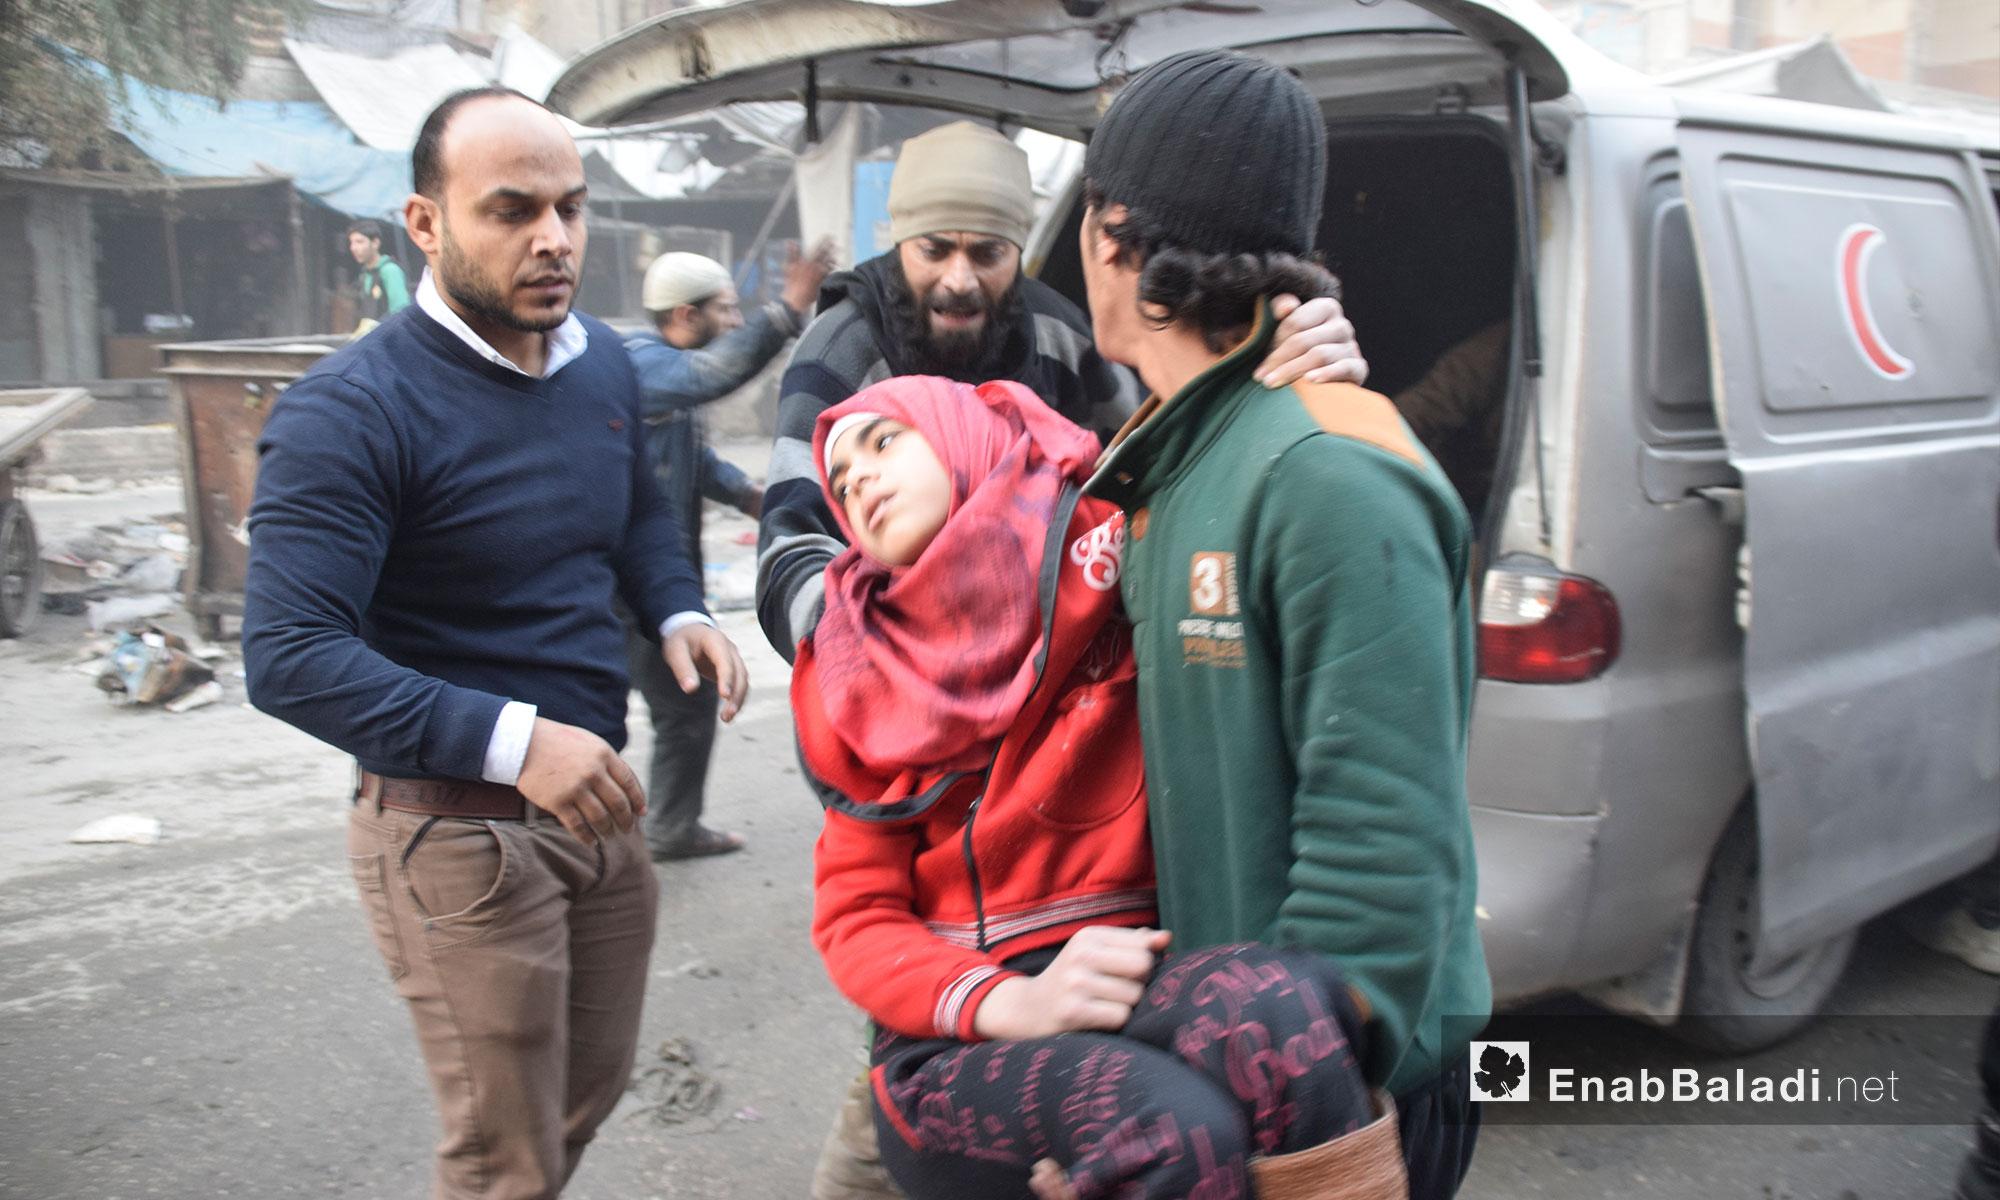 رجال يحاولون إسعاف طفلة في حي الشعار بحلب جراء الغارات الجوية - 20 تشرين الثاني  2016 (عنب بلدي)